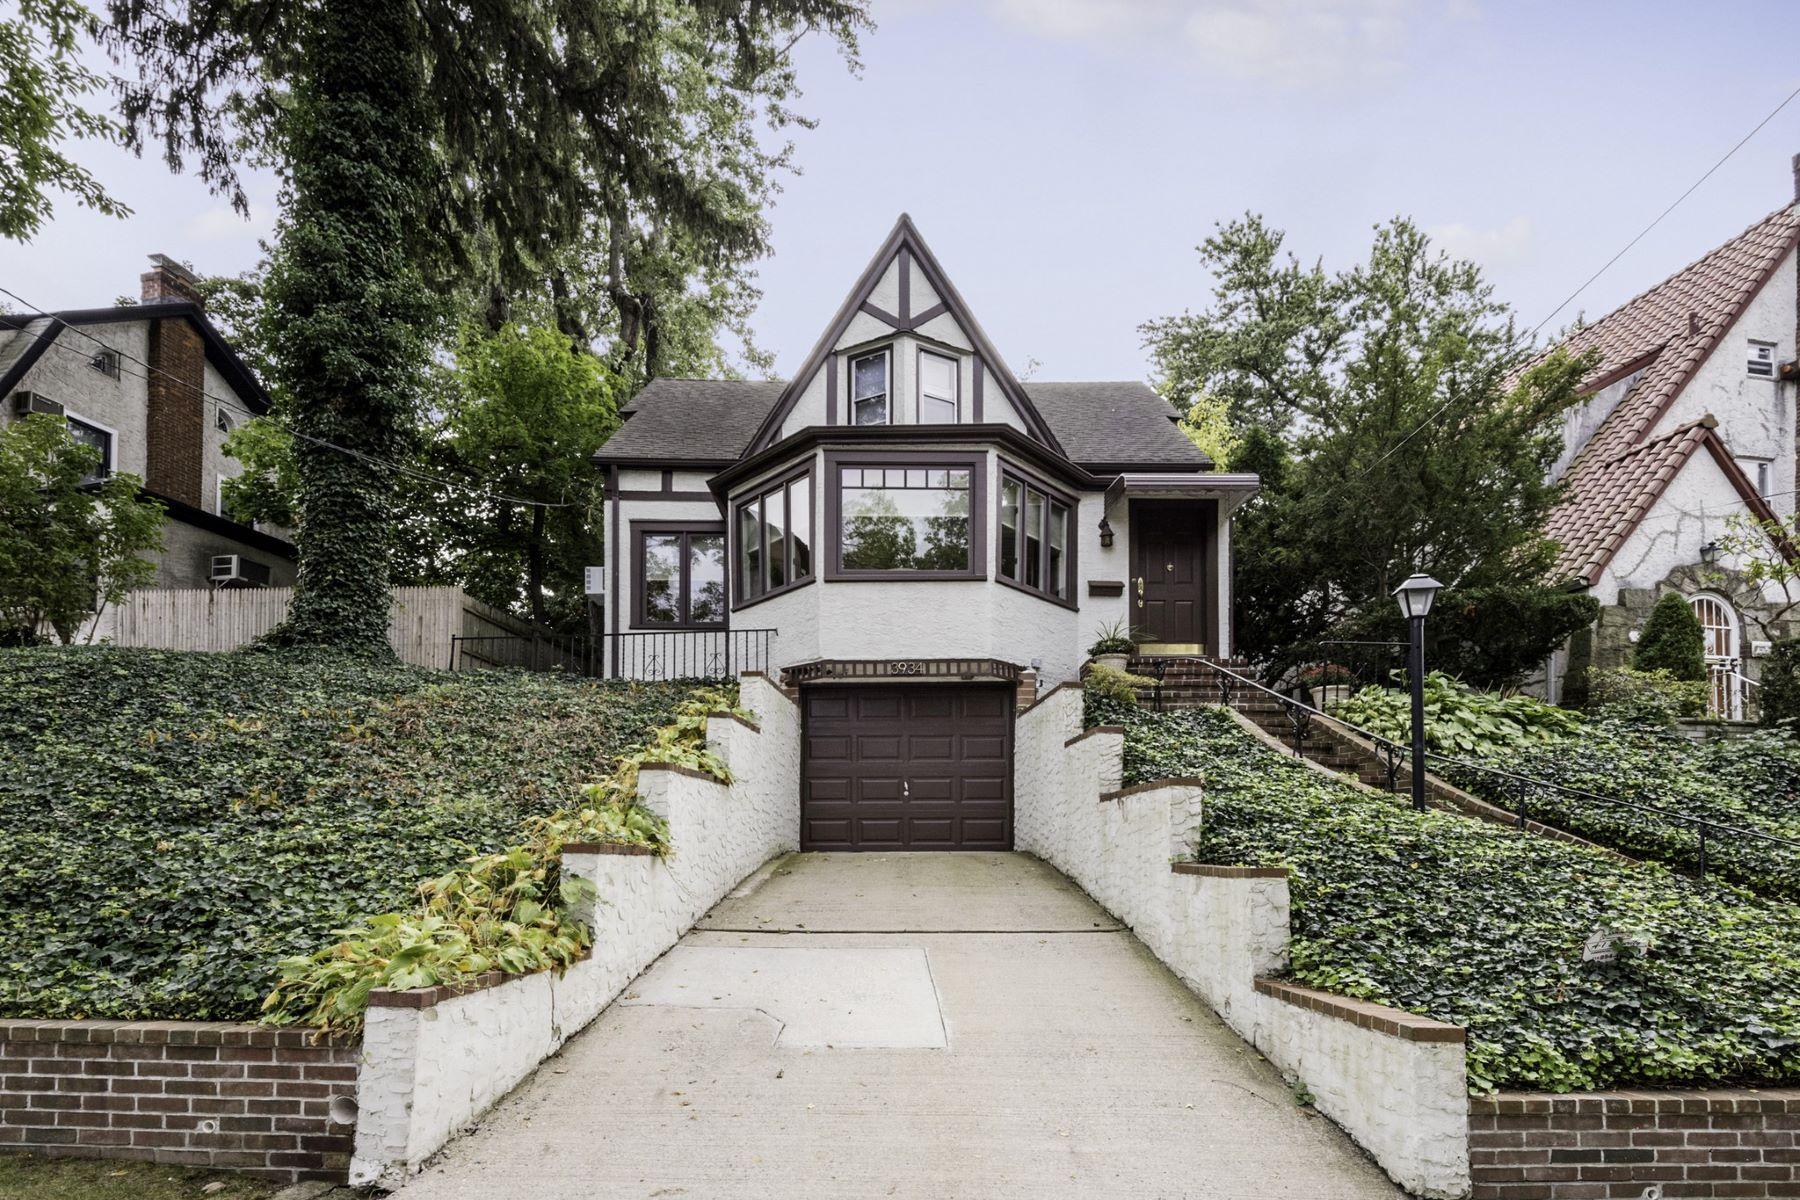 Частный односемейный дом для того Продажа на 39-34 Glenwood St , Little Neck, NY 11363 39-34 Glenwood St, Little Neck, Нью-Йорк, 11363 Соединенные Штаты